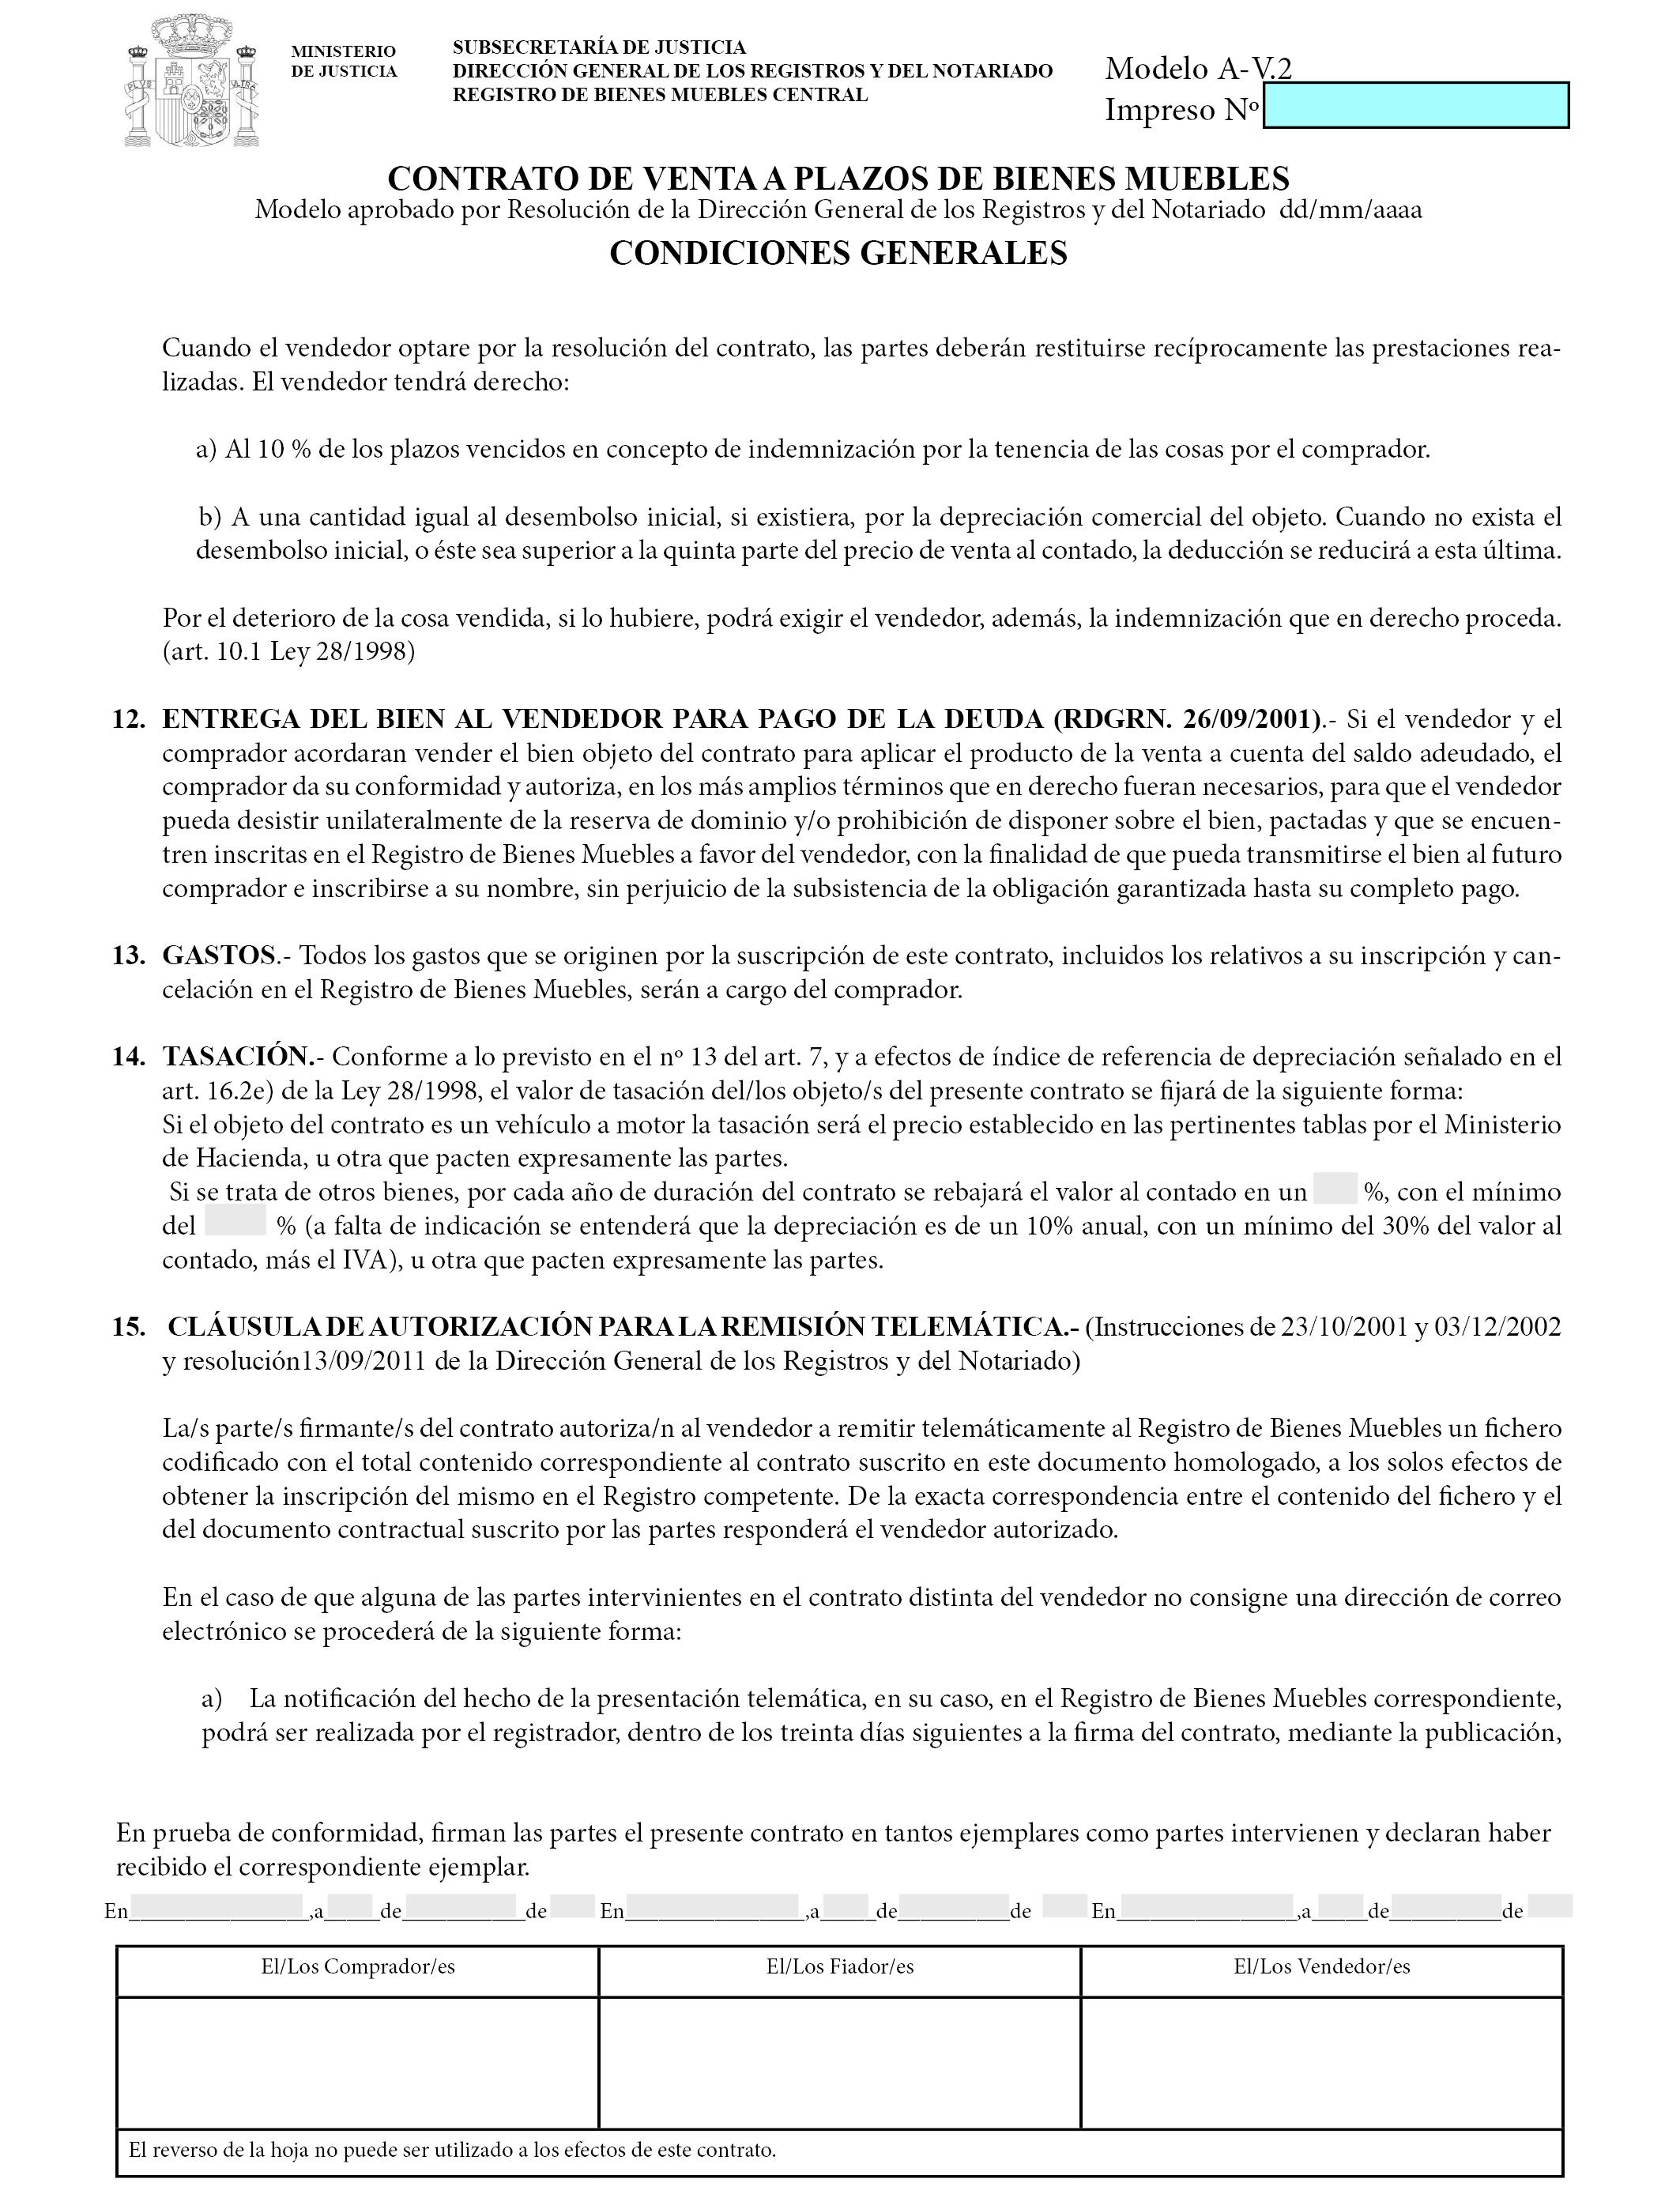 Documento boe a 2017 2761 for Registro bienes muebles madrid